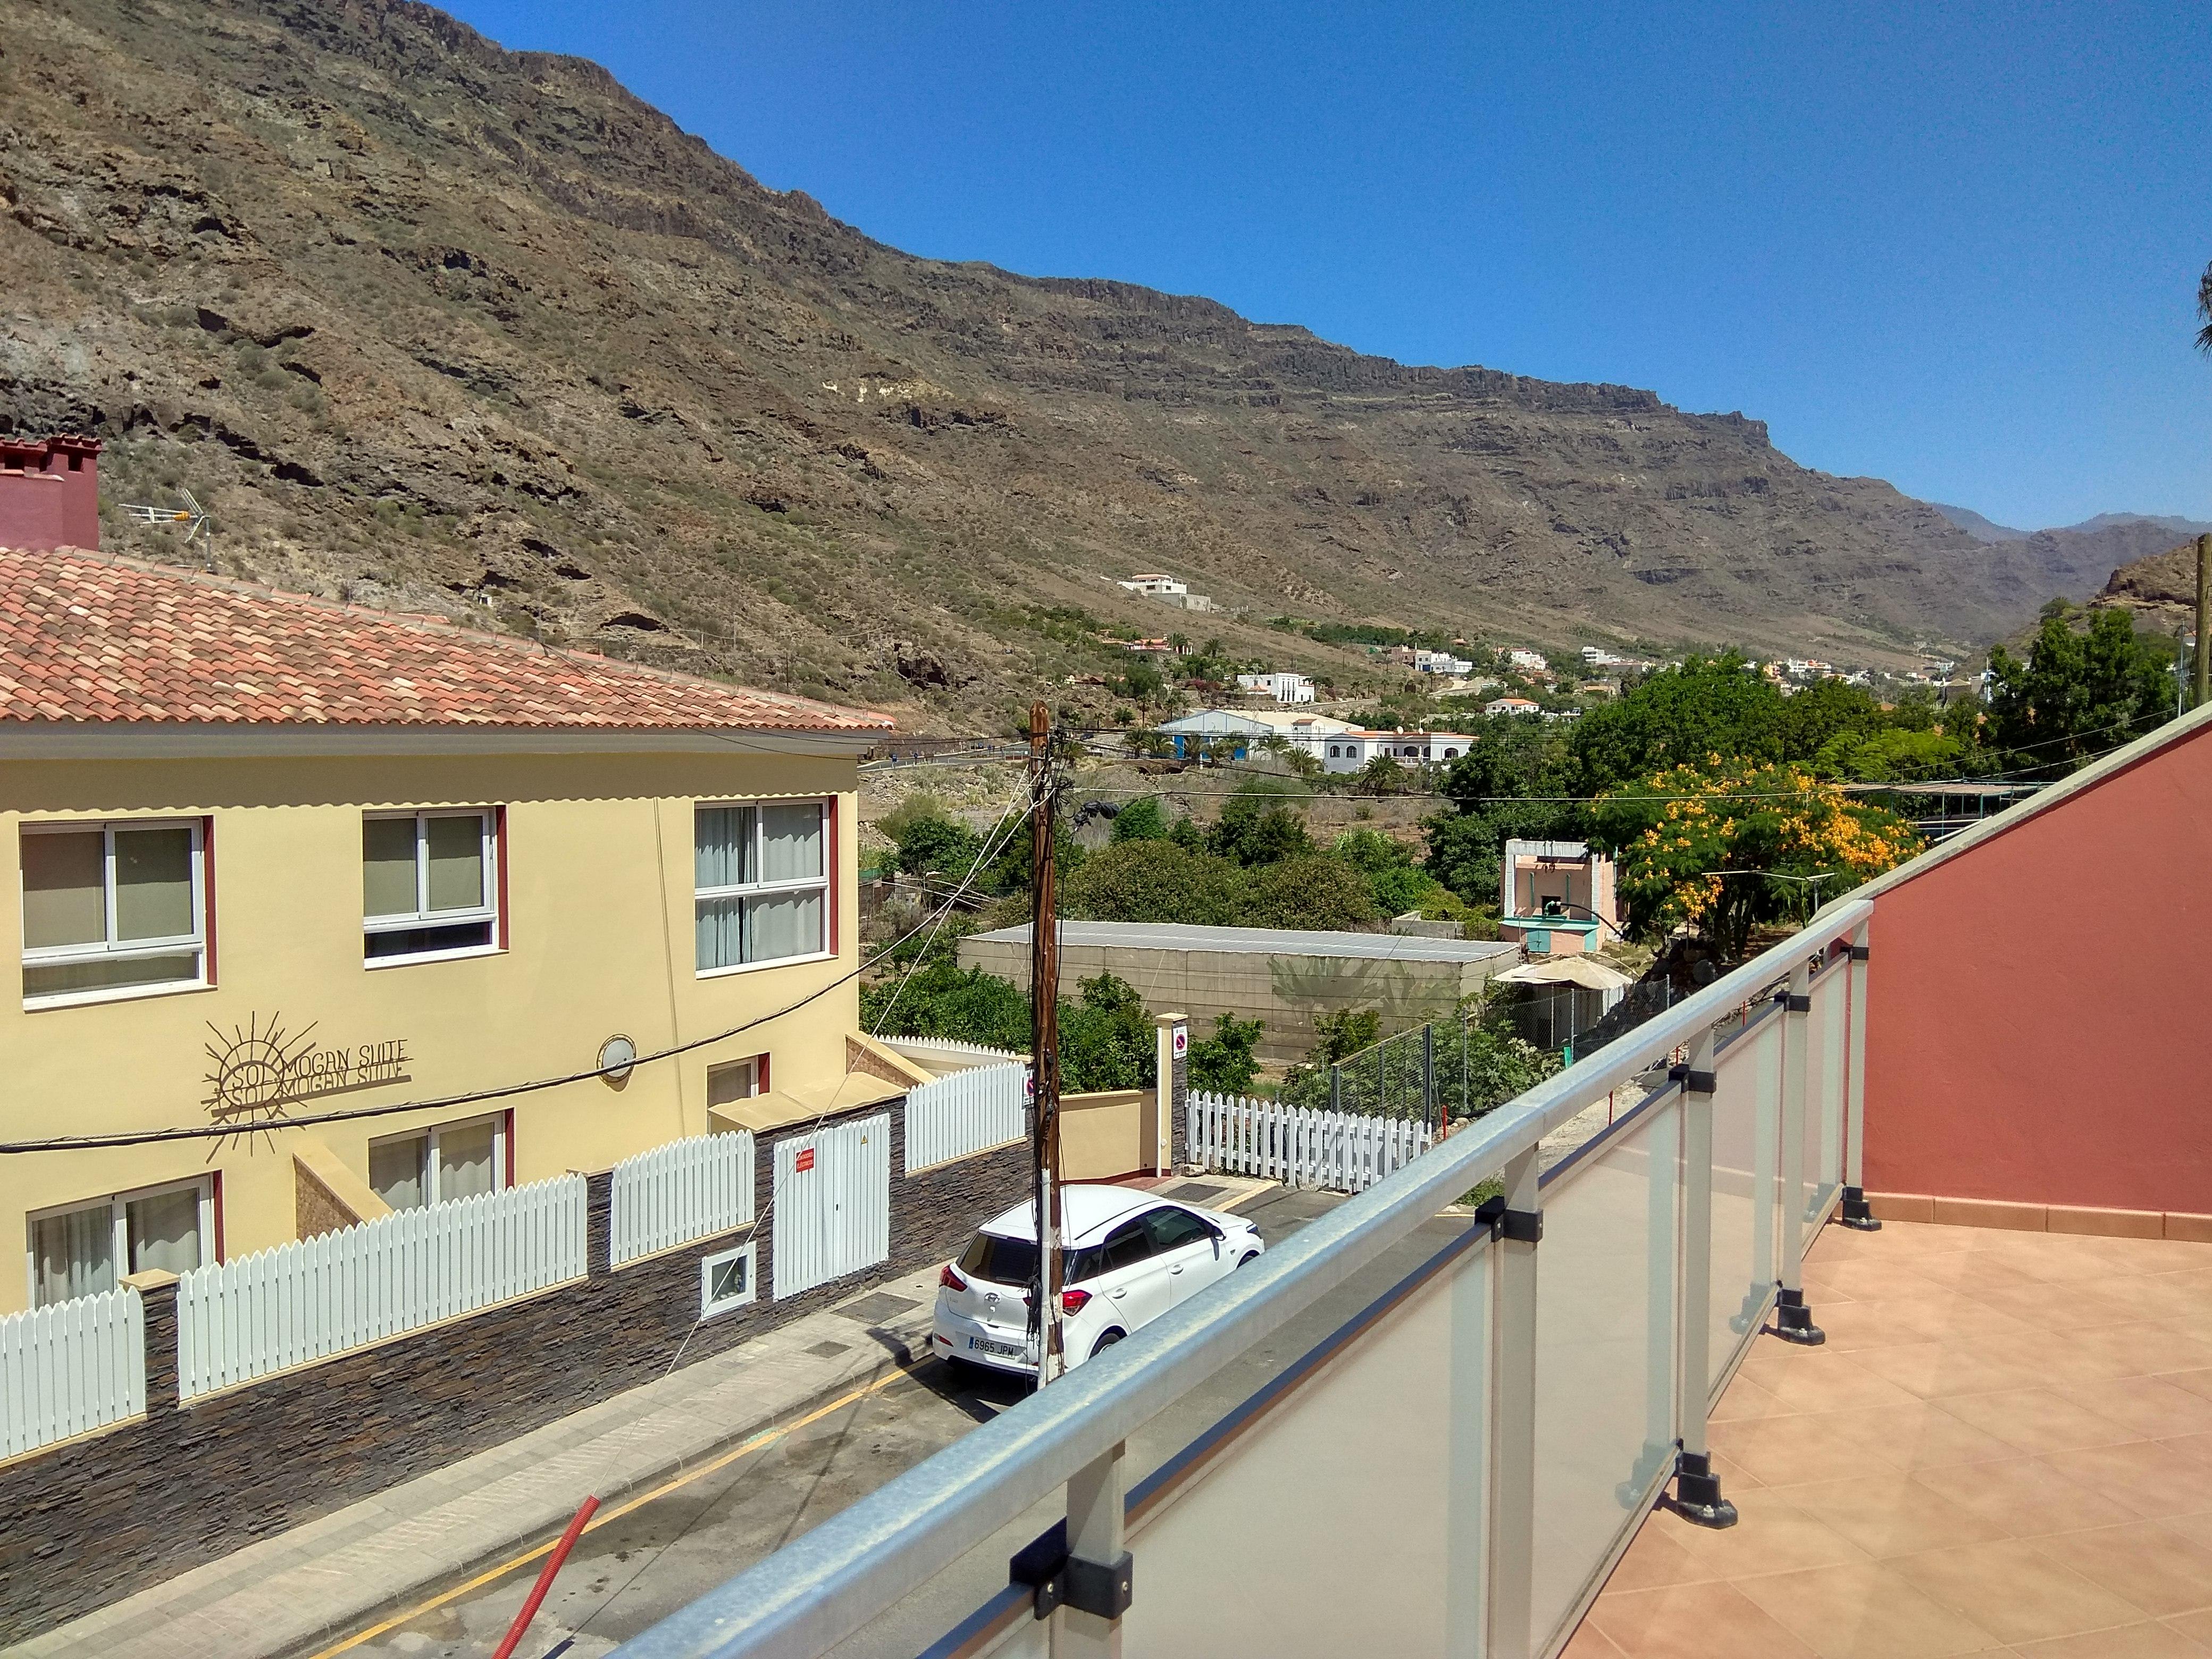 New Build 2 Bedroom Apartment with Sea Views in Mogan – El Cercado